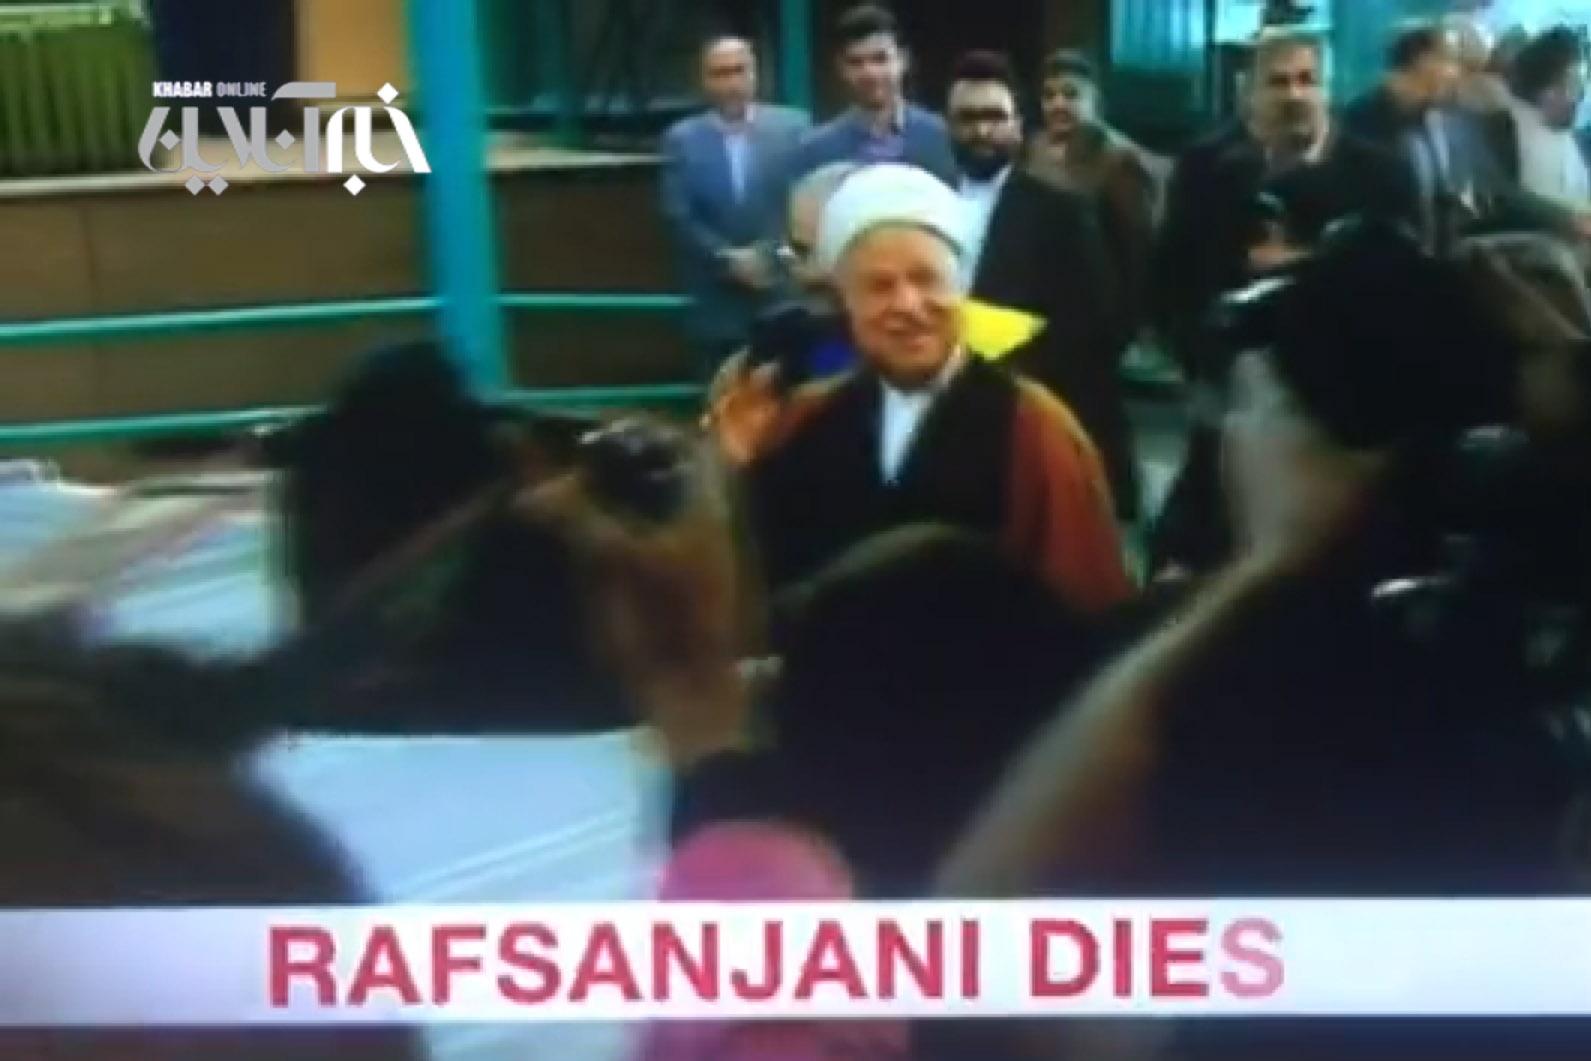 فیلم | بیبیسی انگلیسی و پخش خبر درگذشت آیتالله هاشمی به عنوان خبر اول